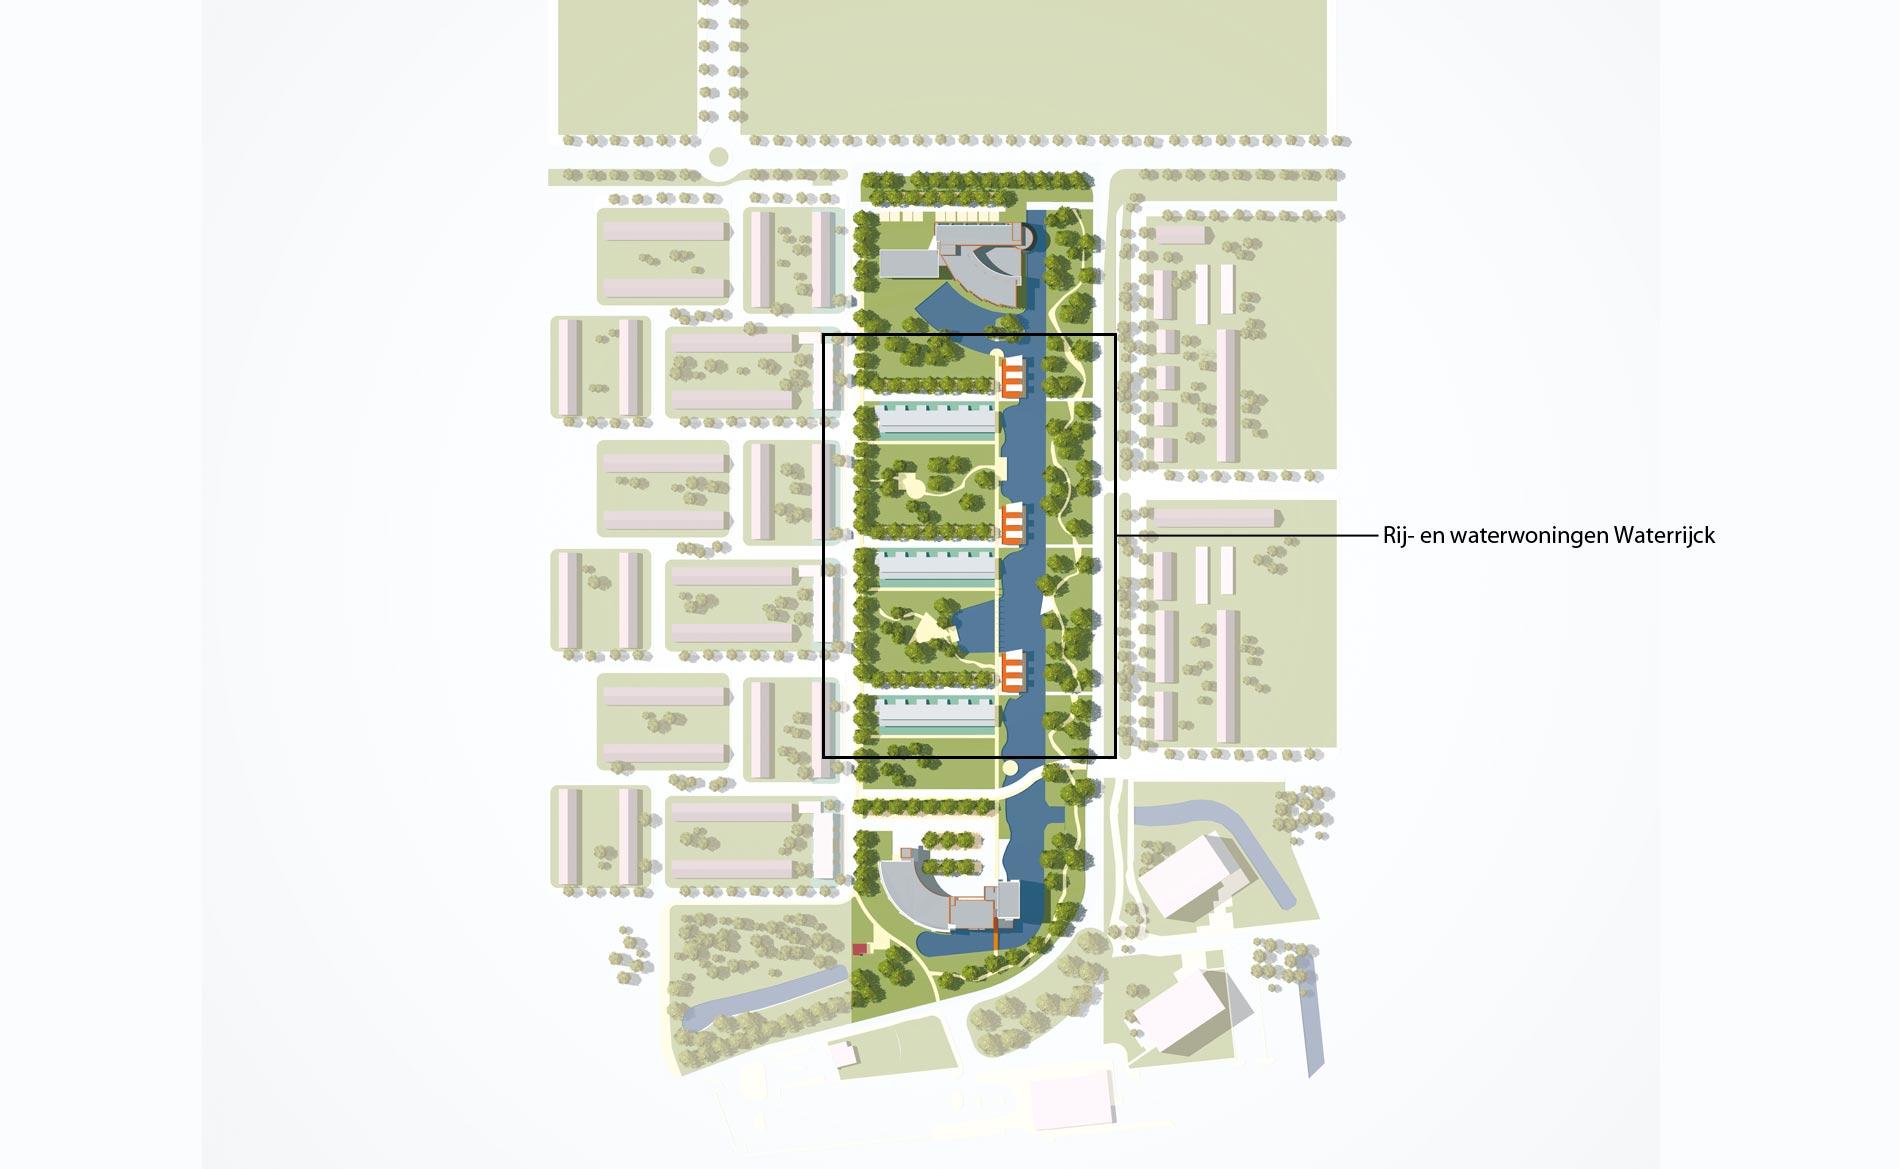 Stadsvernieuwing Heemskerk Waterrijck rijwoningen waterwoningen park BBHD architecten